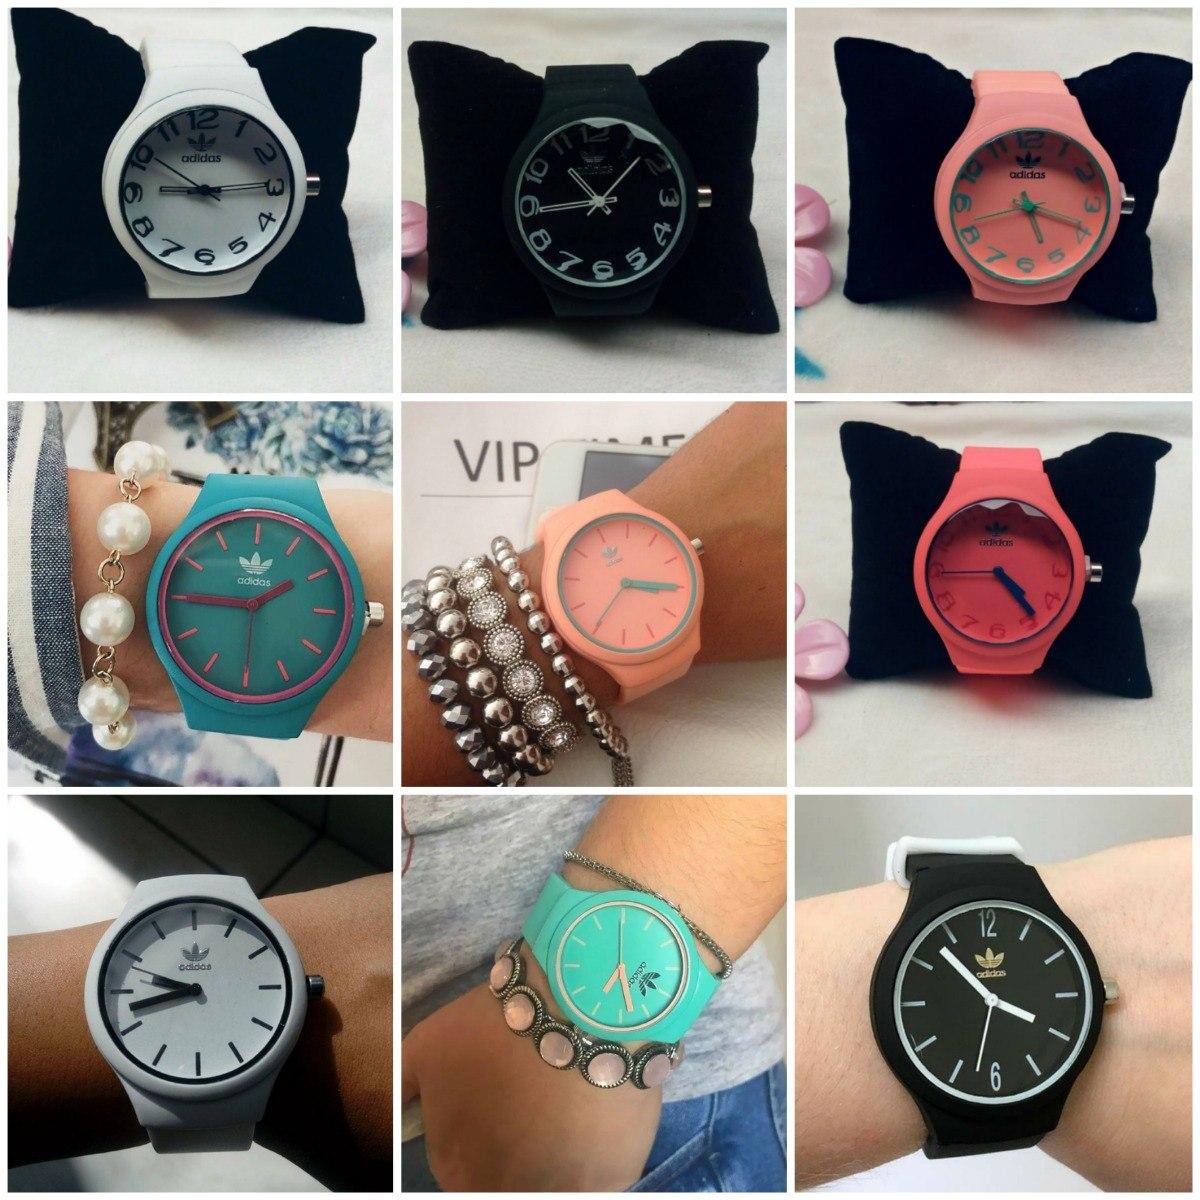 71b740113a0 Relógios Femininos adidas Colorido Colors - Promoção!! - R  200